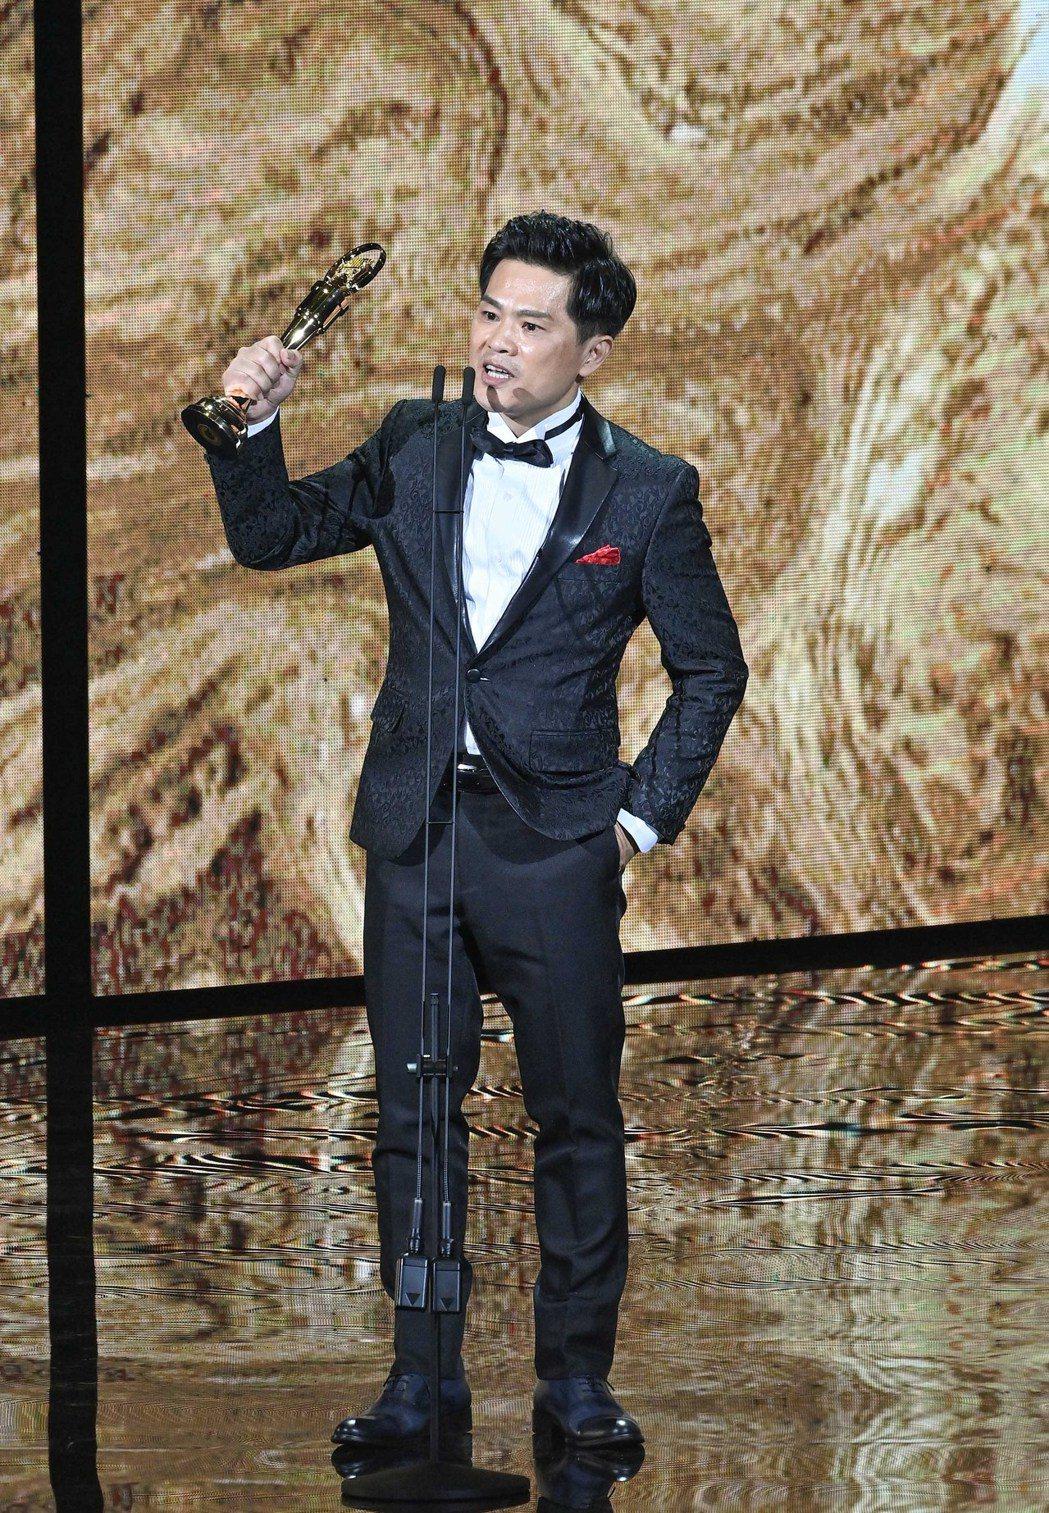 第31屆金曲獎,蘇明淵獲得最佳台語男歌手獎。圖/台視提供